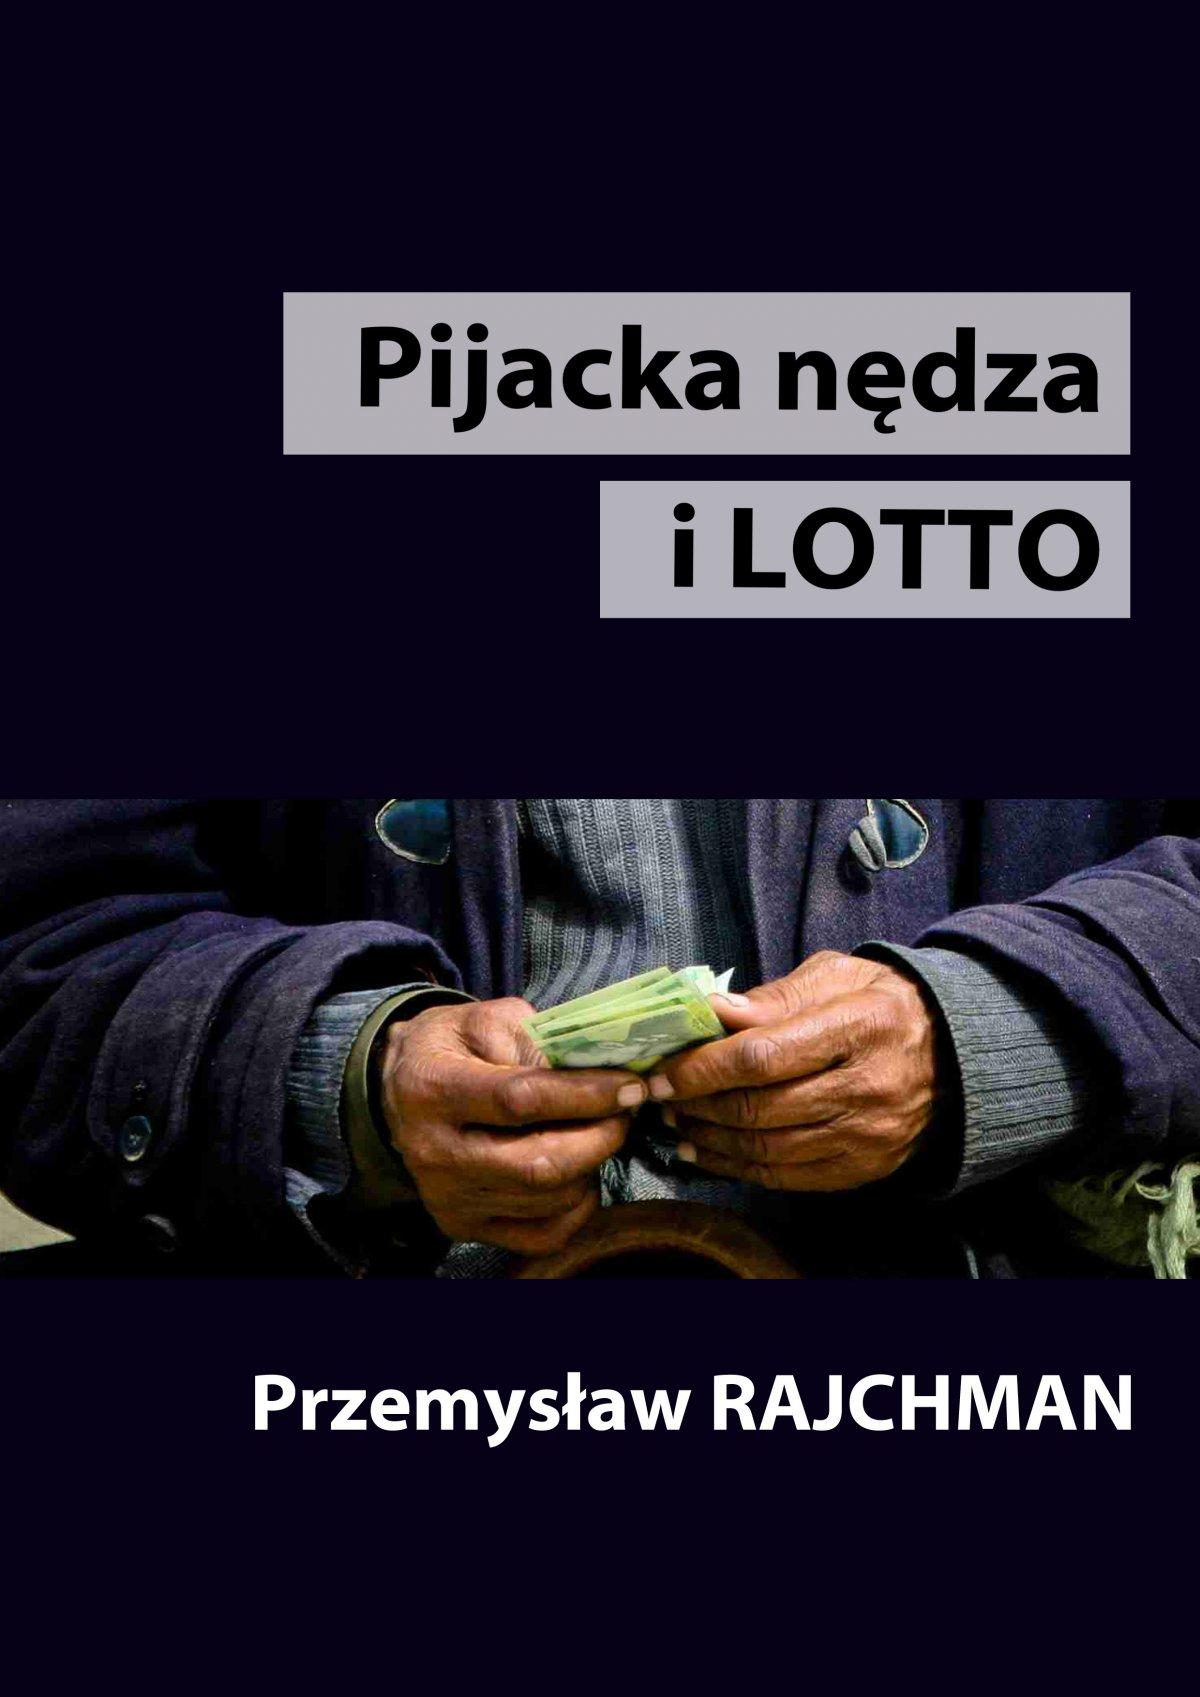 Pijacka nędza i lotto - Ebook (Książka PDF) do pobrania w formacie PDF